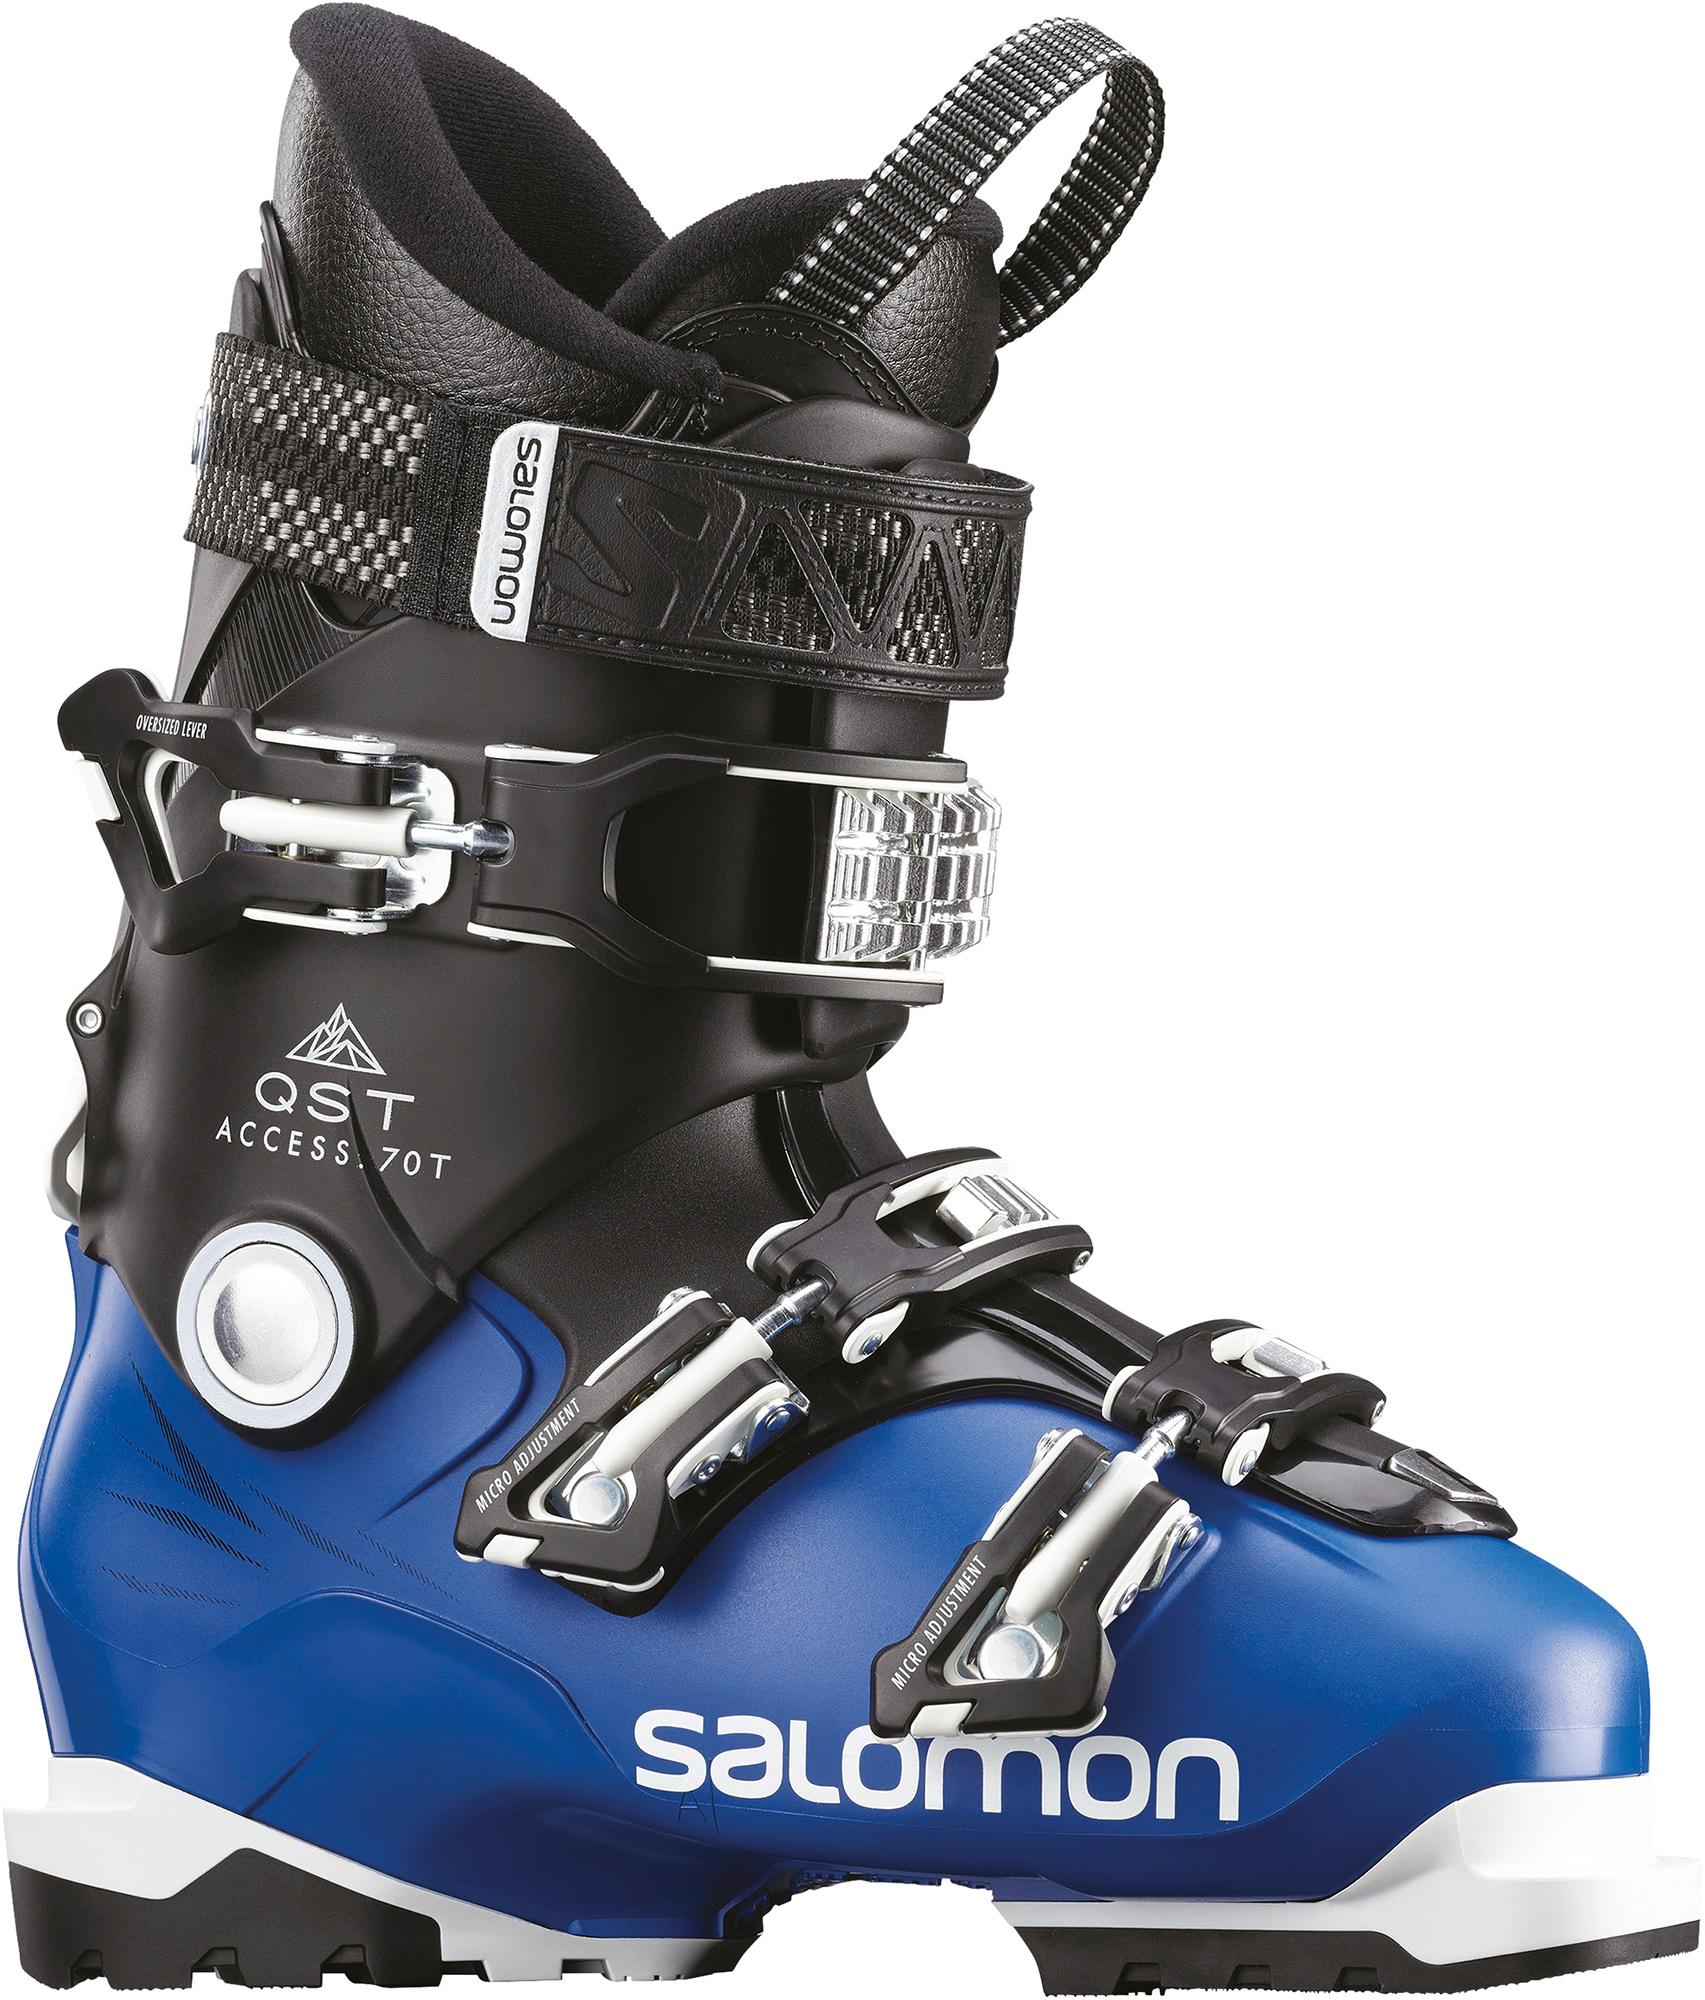 цена Salomon Ботинки горнолыжные детские Salomon QST Access 70 T, размер 39,5 онлайн в 2017 году